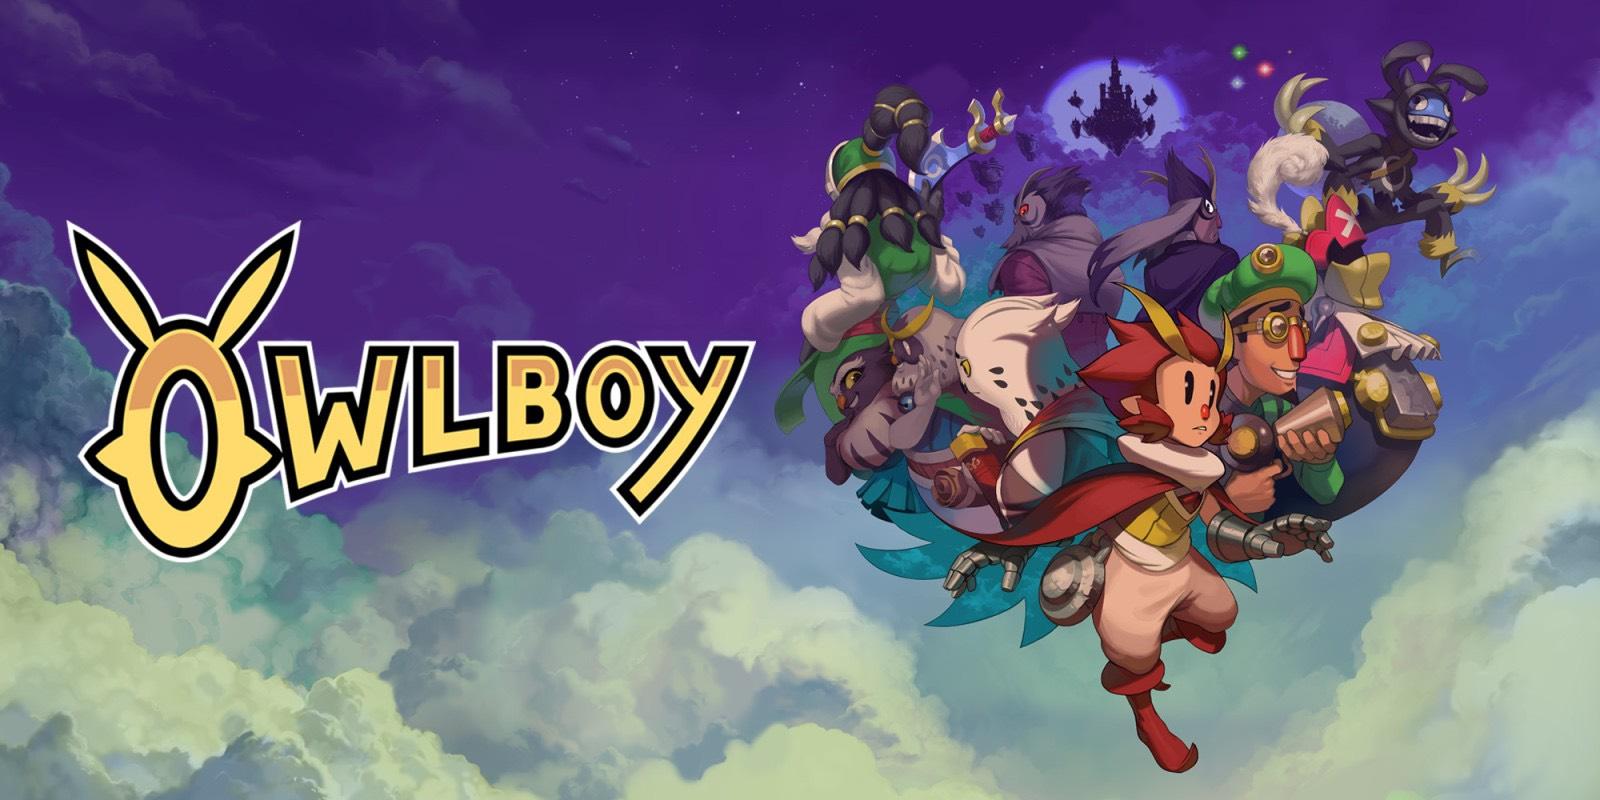 Owlboy Nintendo Switch EShop